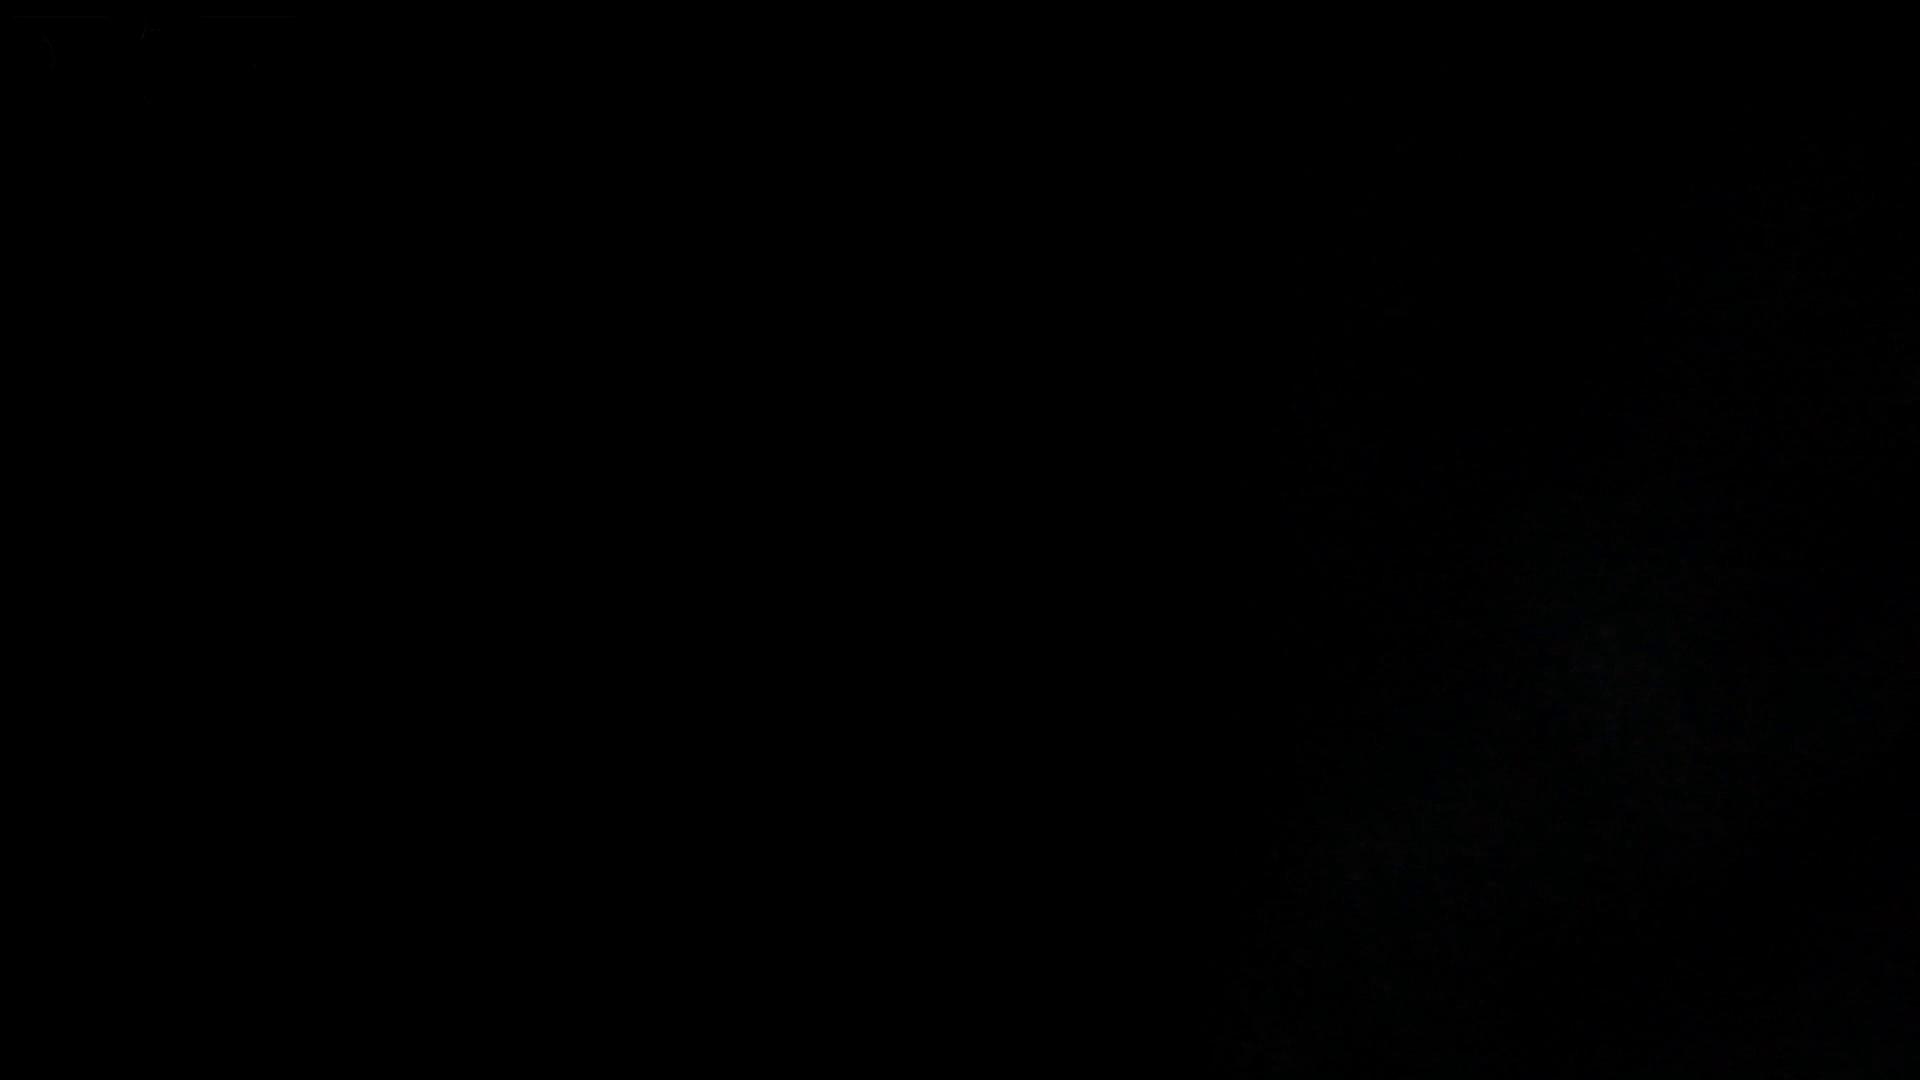 ステーション編 vol.28 無料動画に登場したモデルつい本番登場!! 丸見え  91PIX 38